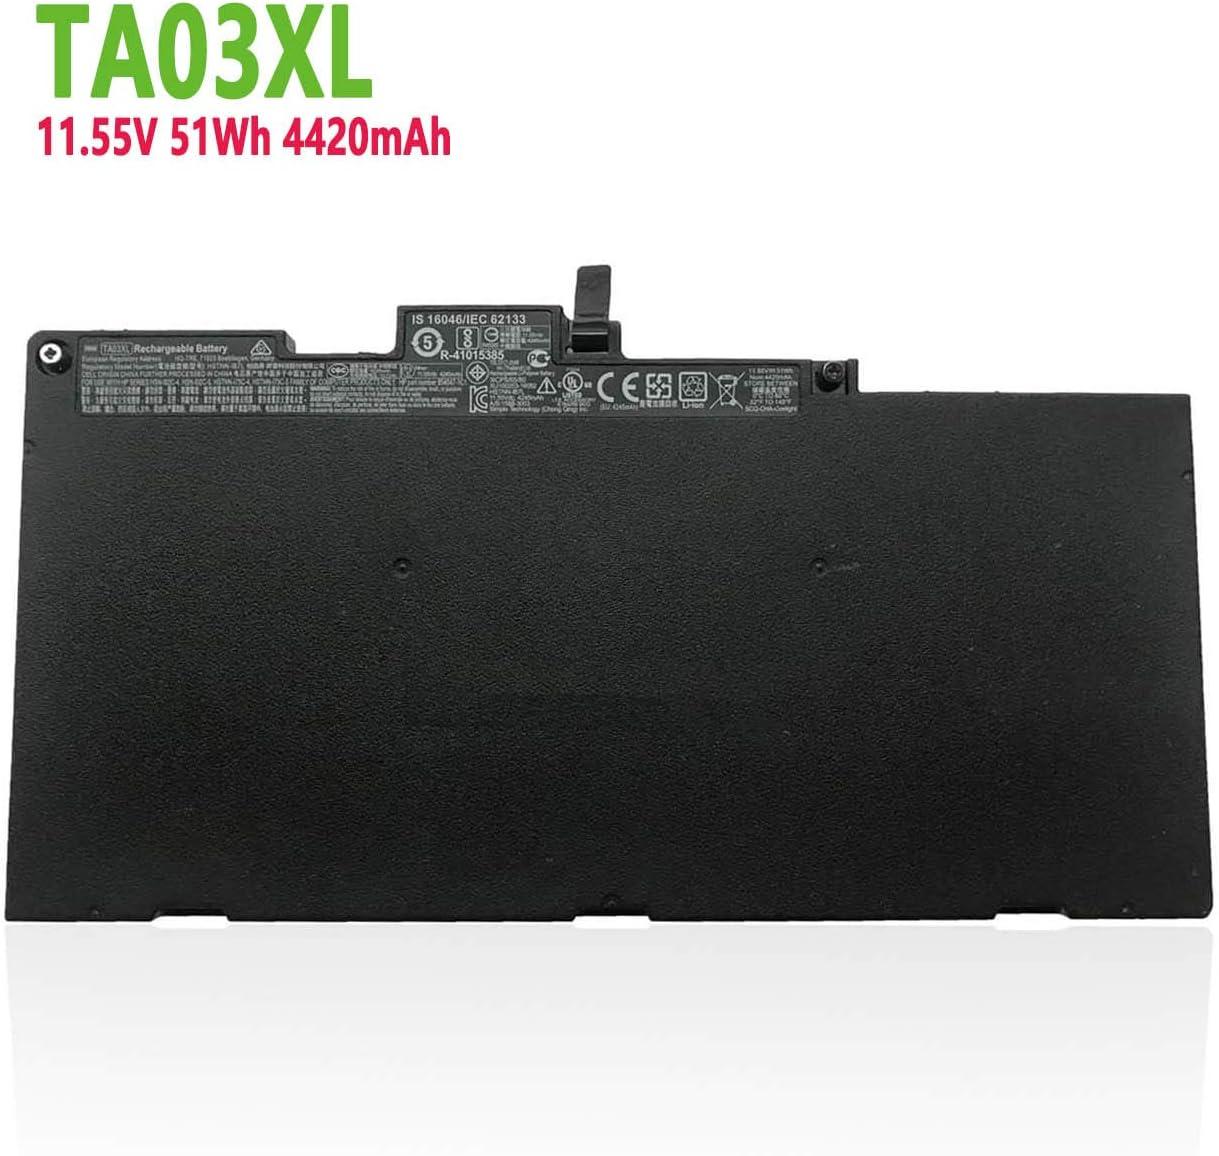 efohana TA03XL Laptop Battery Replacement for HP EliteBook 755 G4 840 G4 848 G4 850 G4 ZBook 14u G4 15u G4 Series Notebook HSTNN-IB7L TA03051XL HSTNN-LB7J 854047-421 11.55V 51Wh 4420mAh